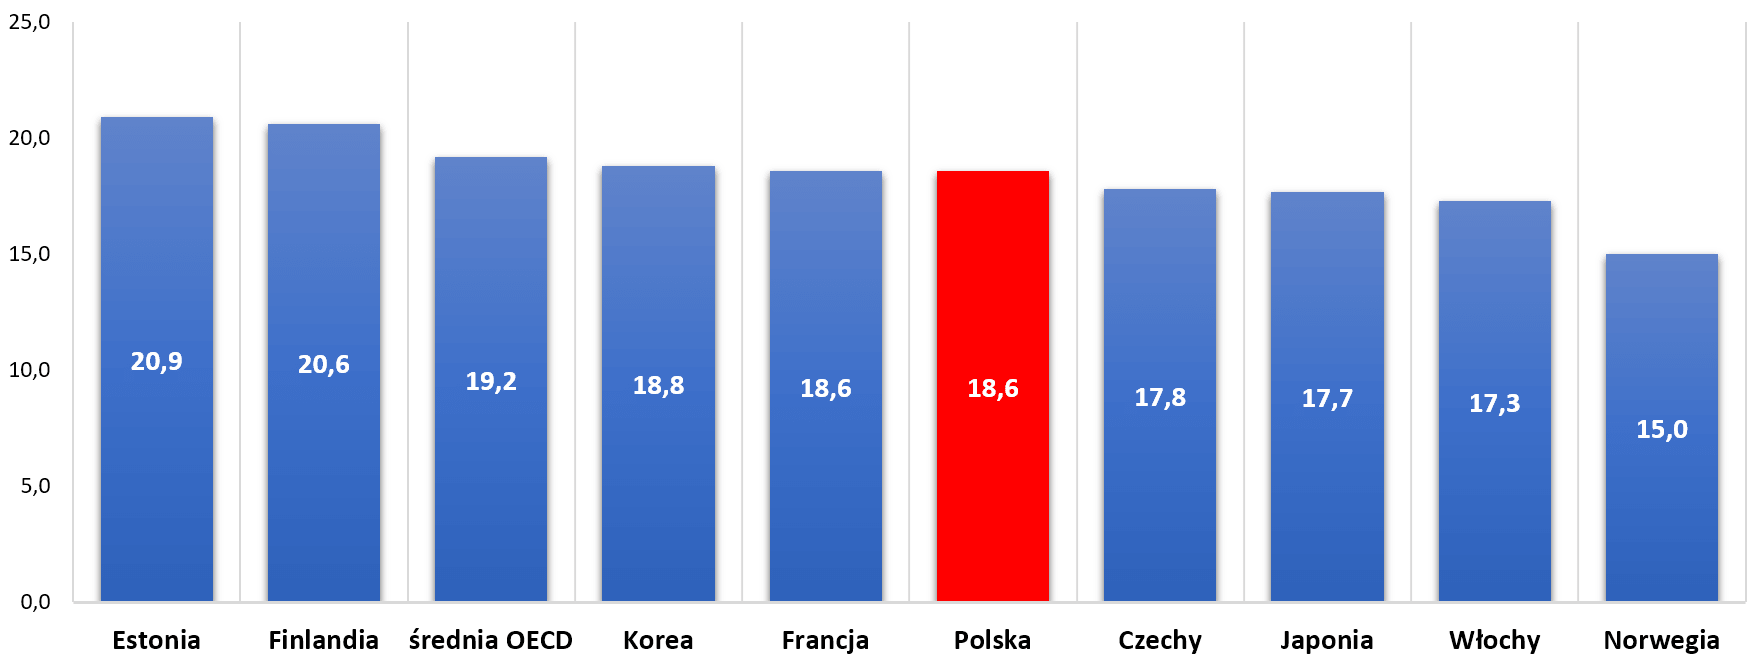 Pensum w wybranych krajach w 2013 r. na poziomie gimnazjum.